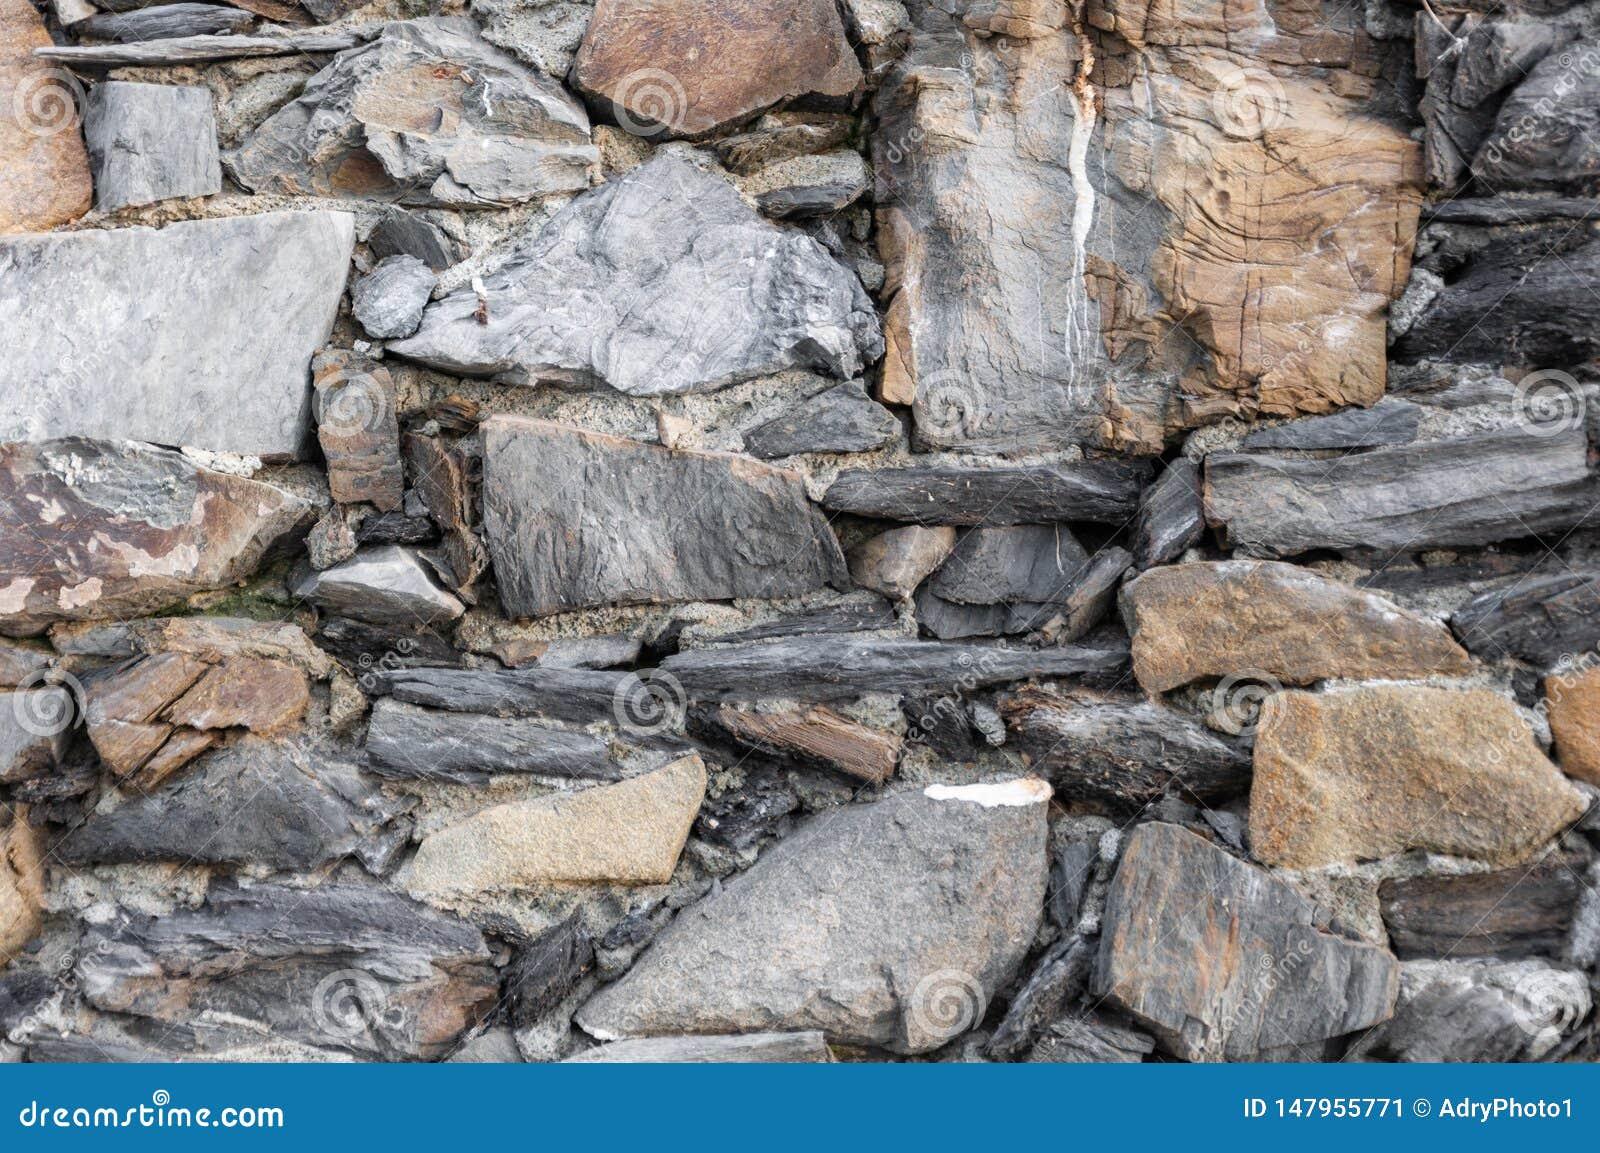 Maison antique italienne : mur en pierre typique de Vernazza